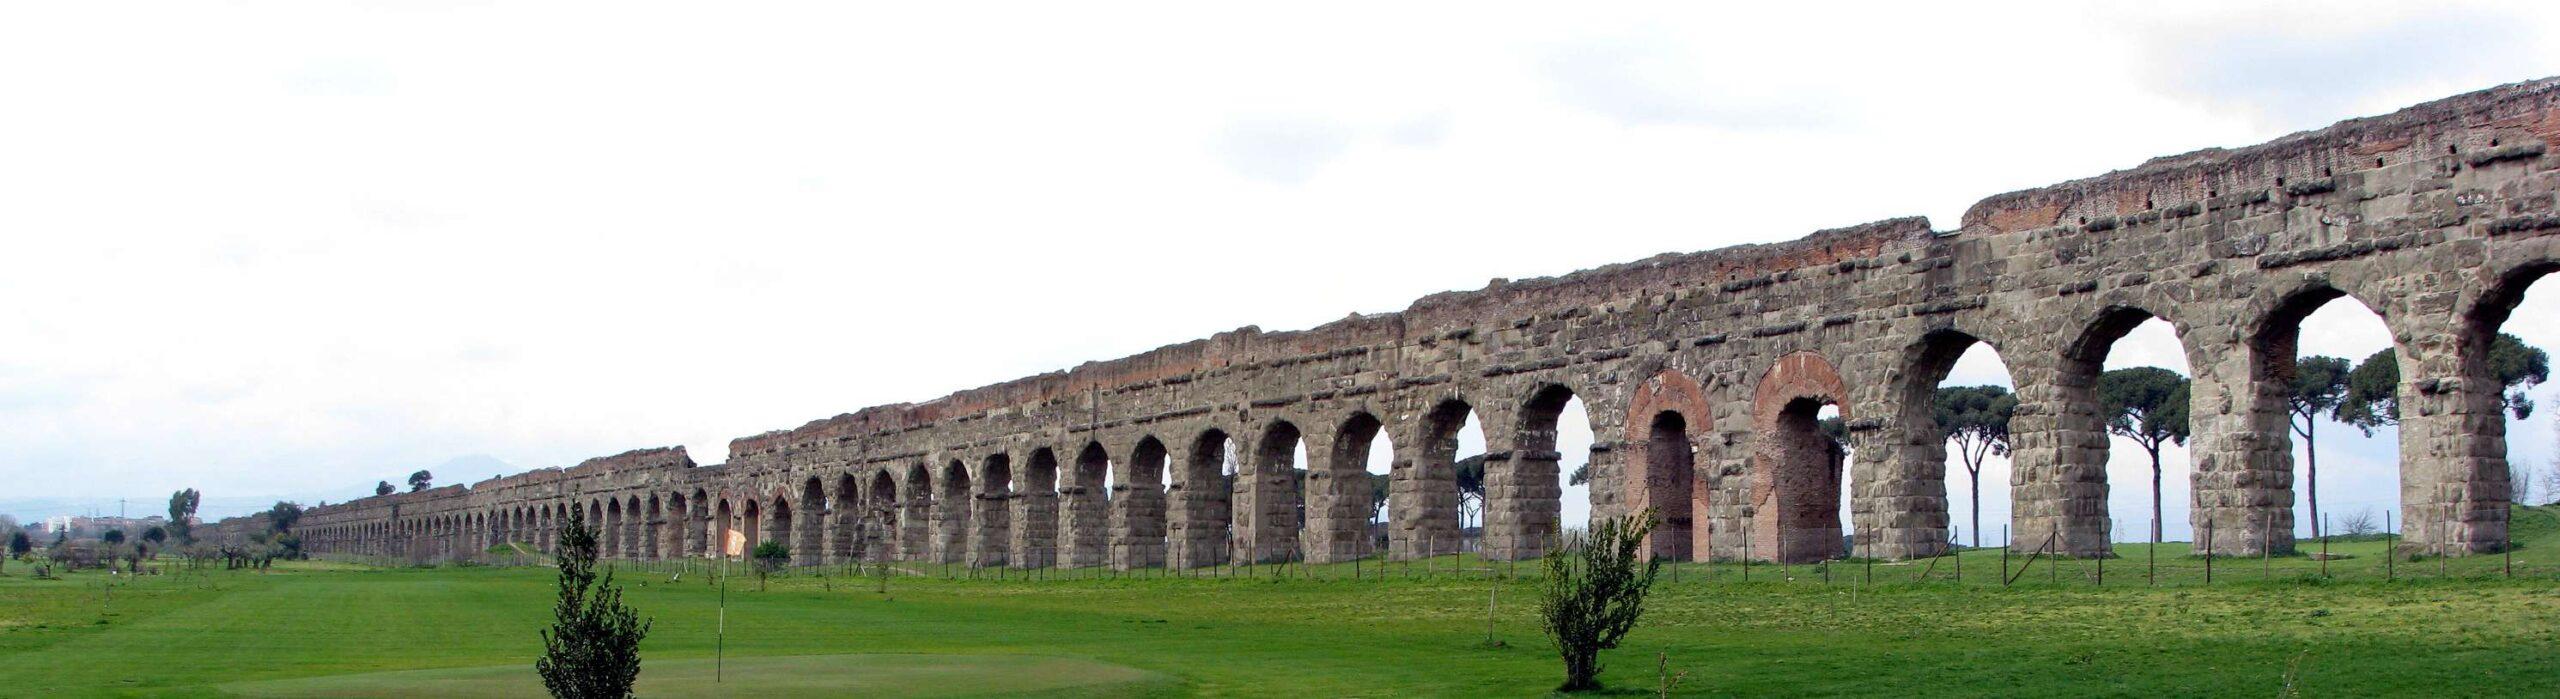 Римски Акведукт Апия - Екскурзия в Рим